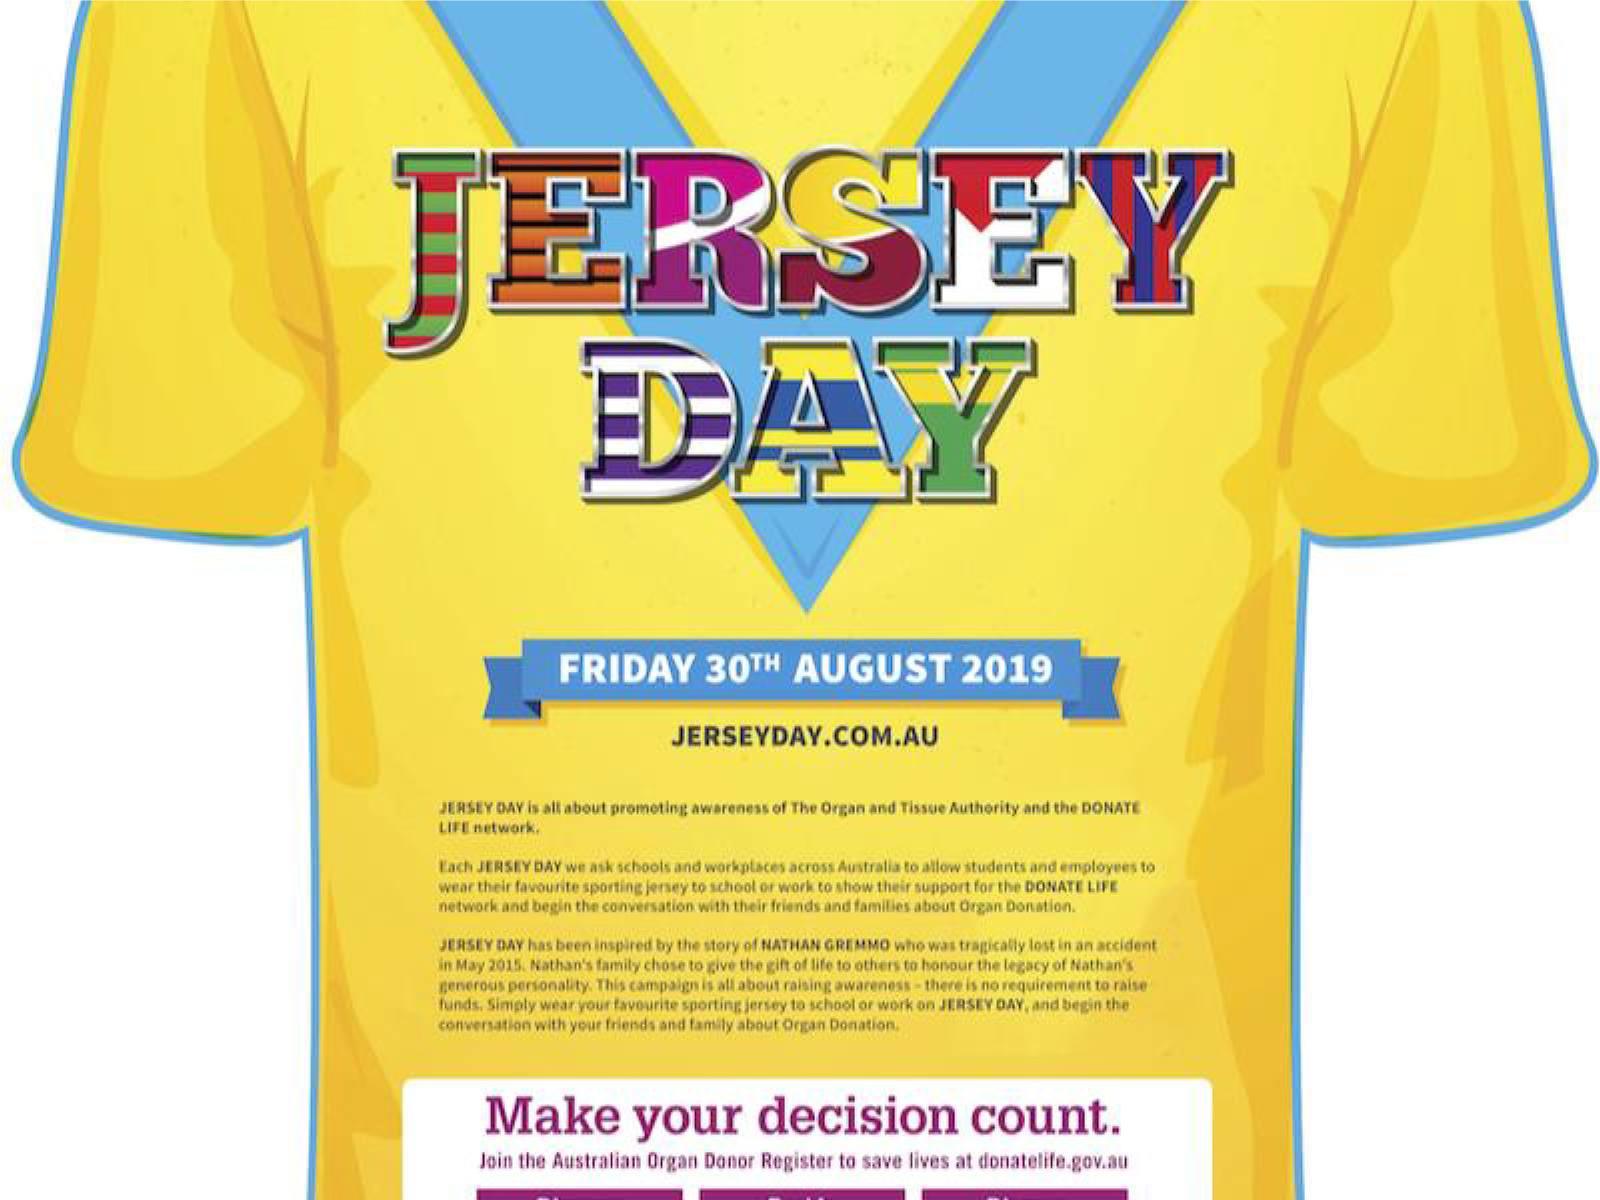 Jersey Day Awareness 2019